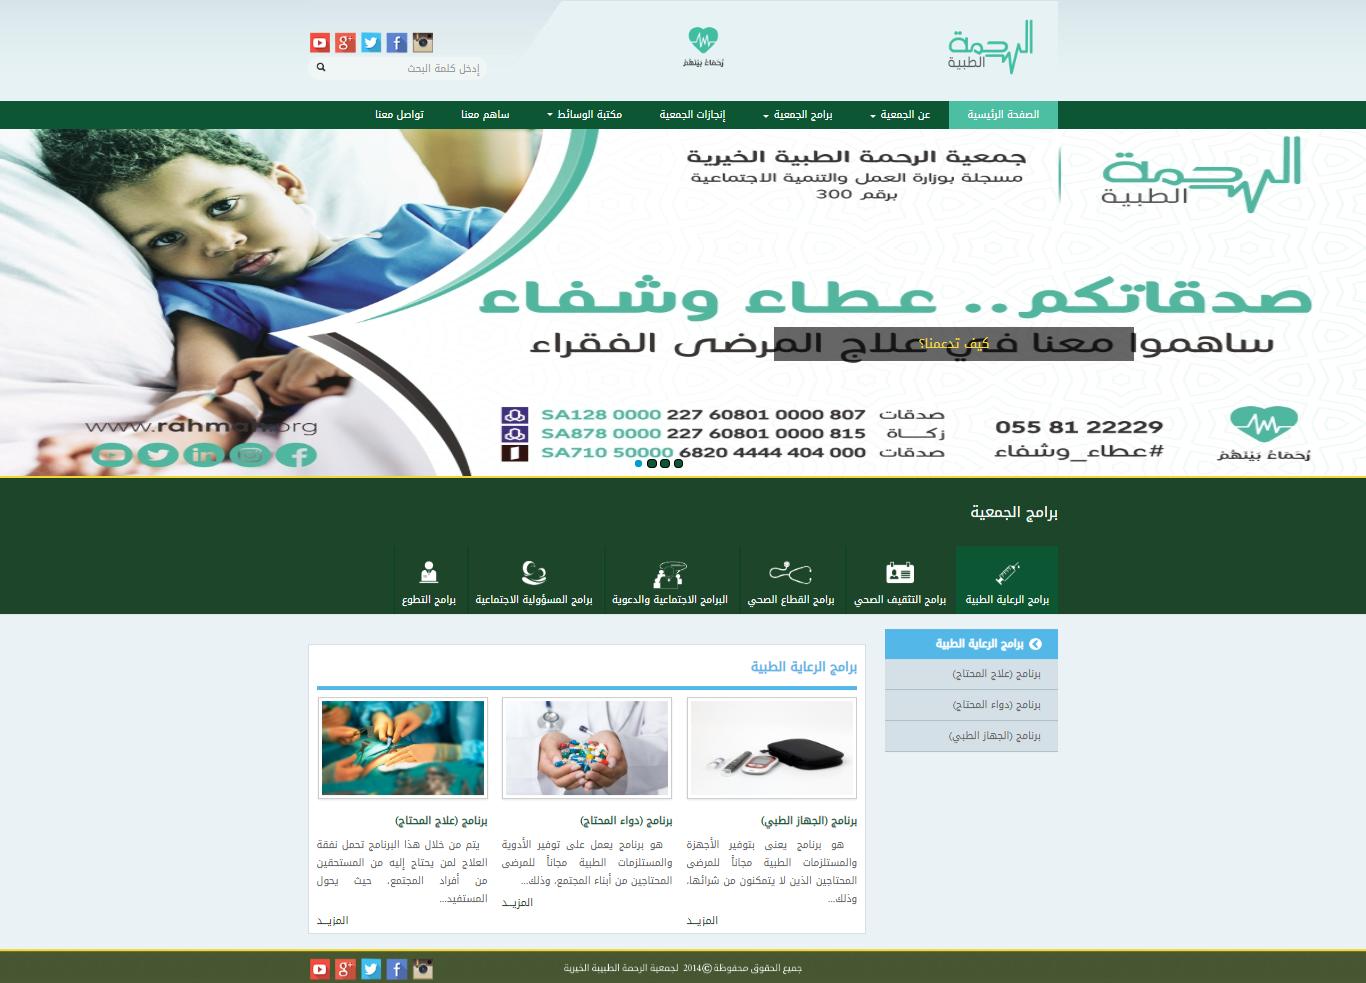 موقع جمعية الرحمة الطبية الخيرية